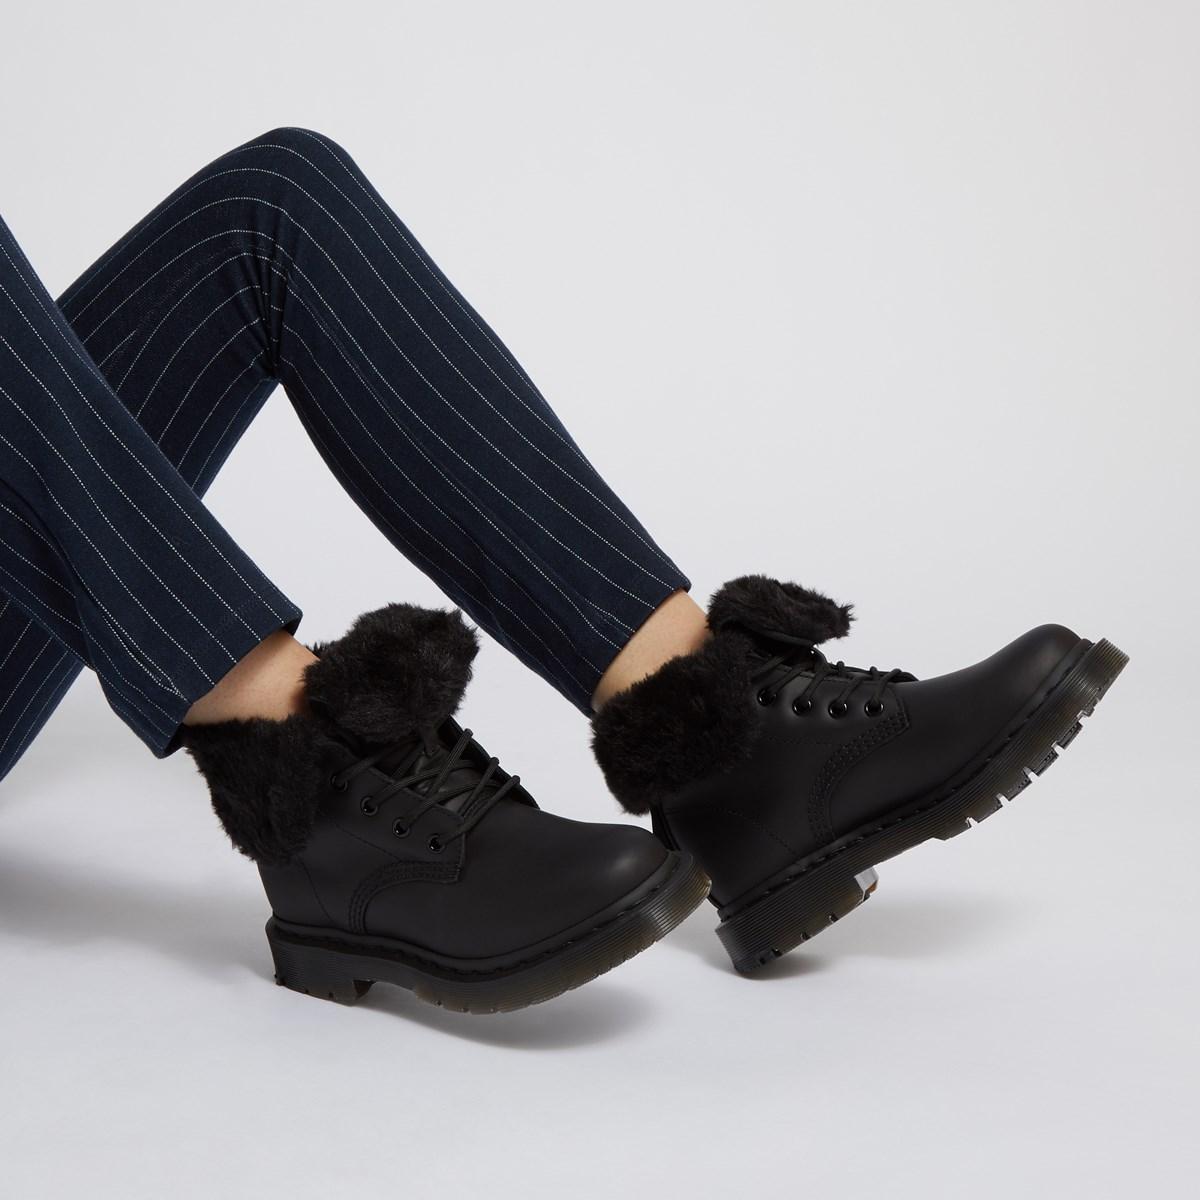 1460 Kolbert Snowplow Boots in Black